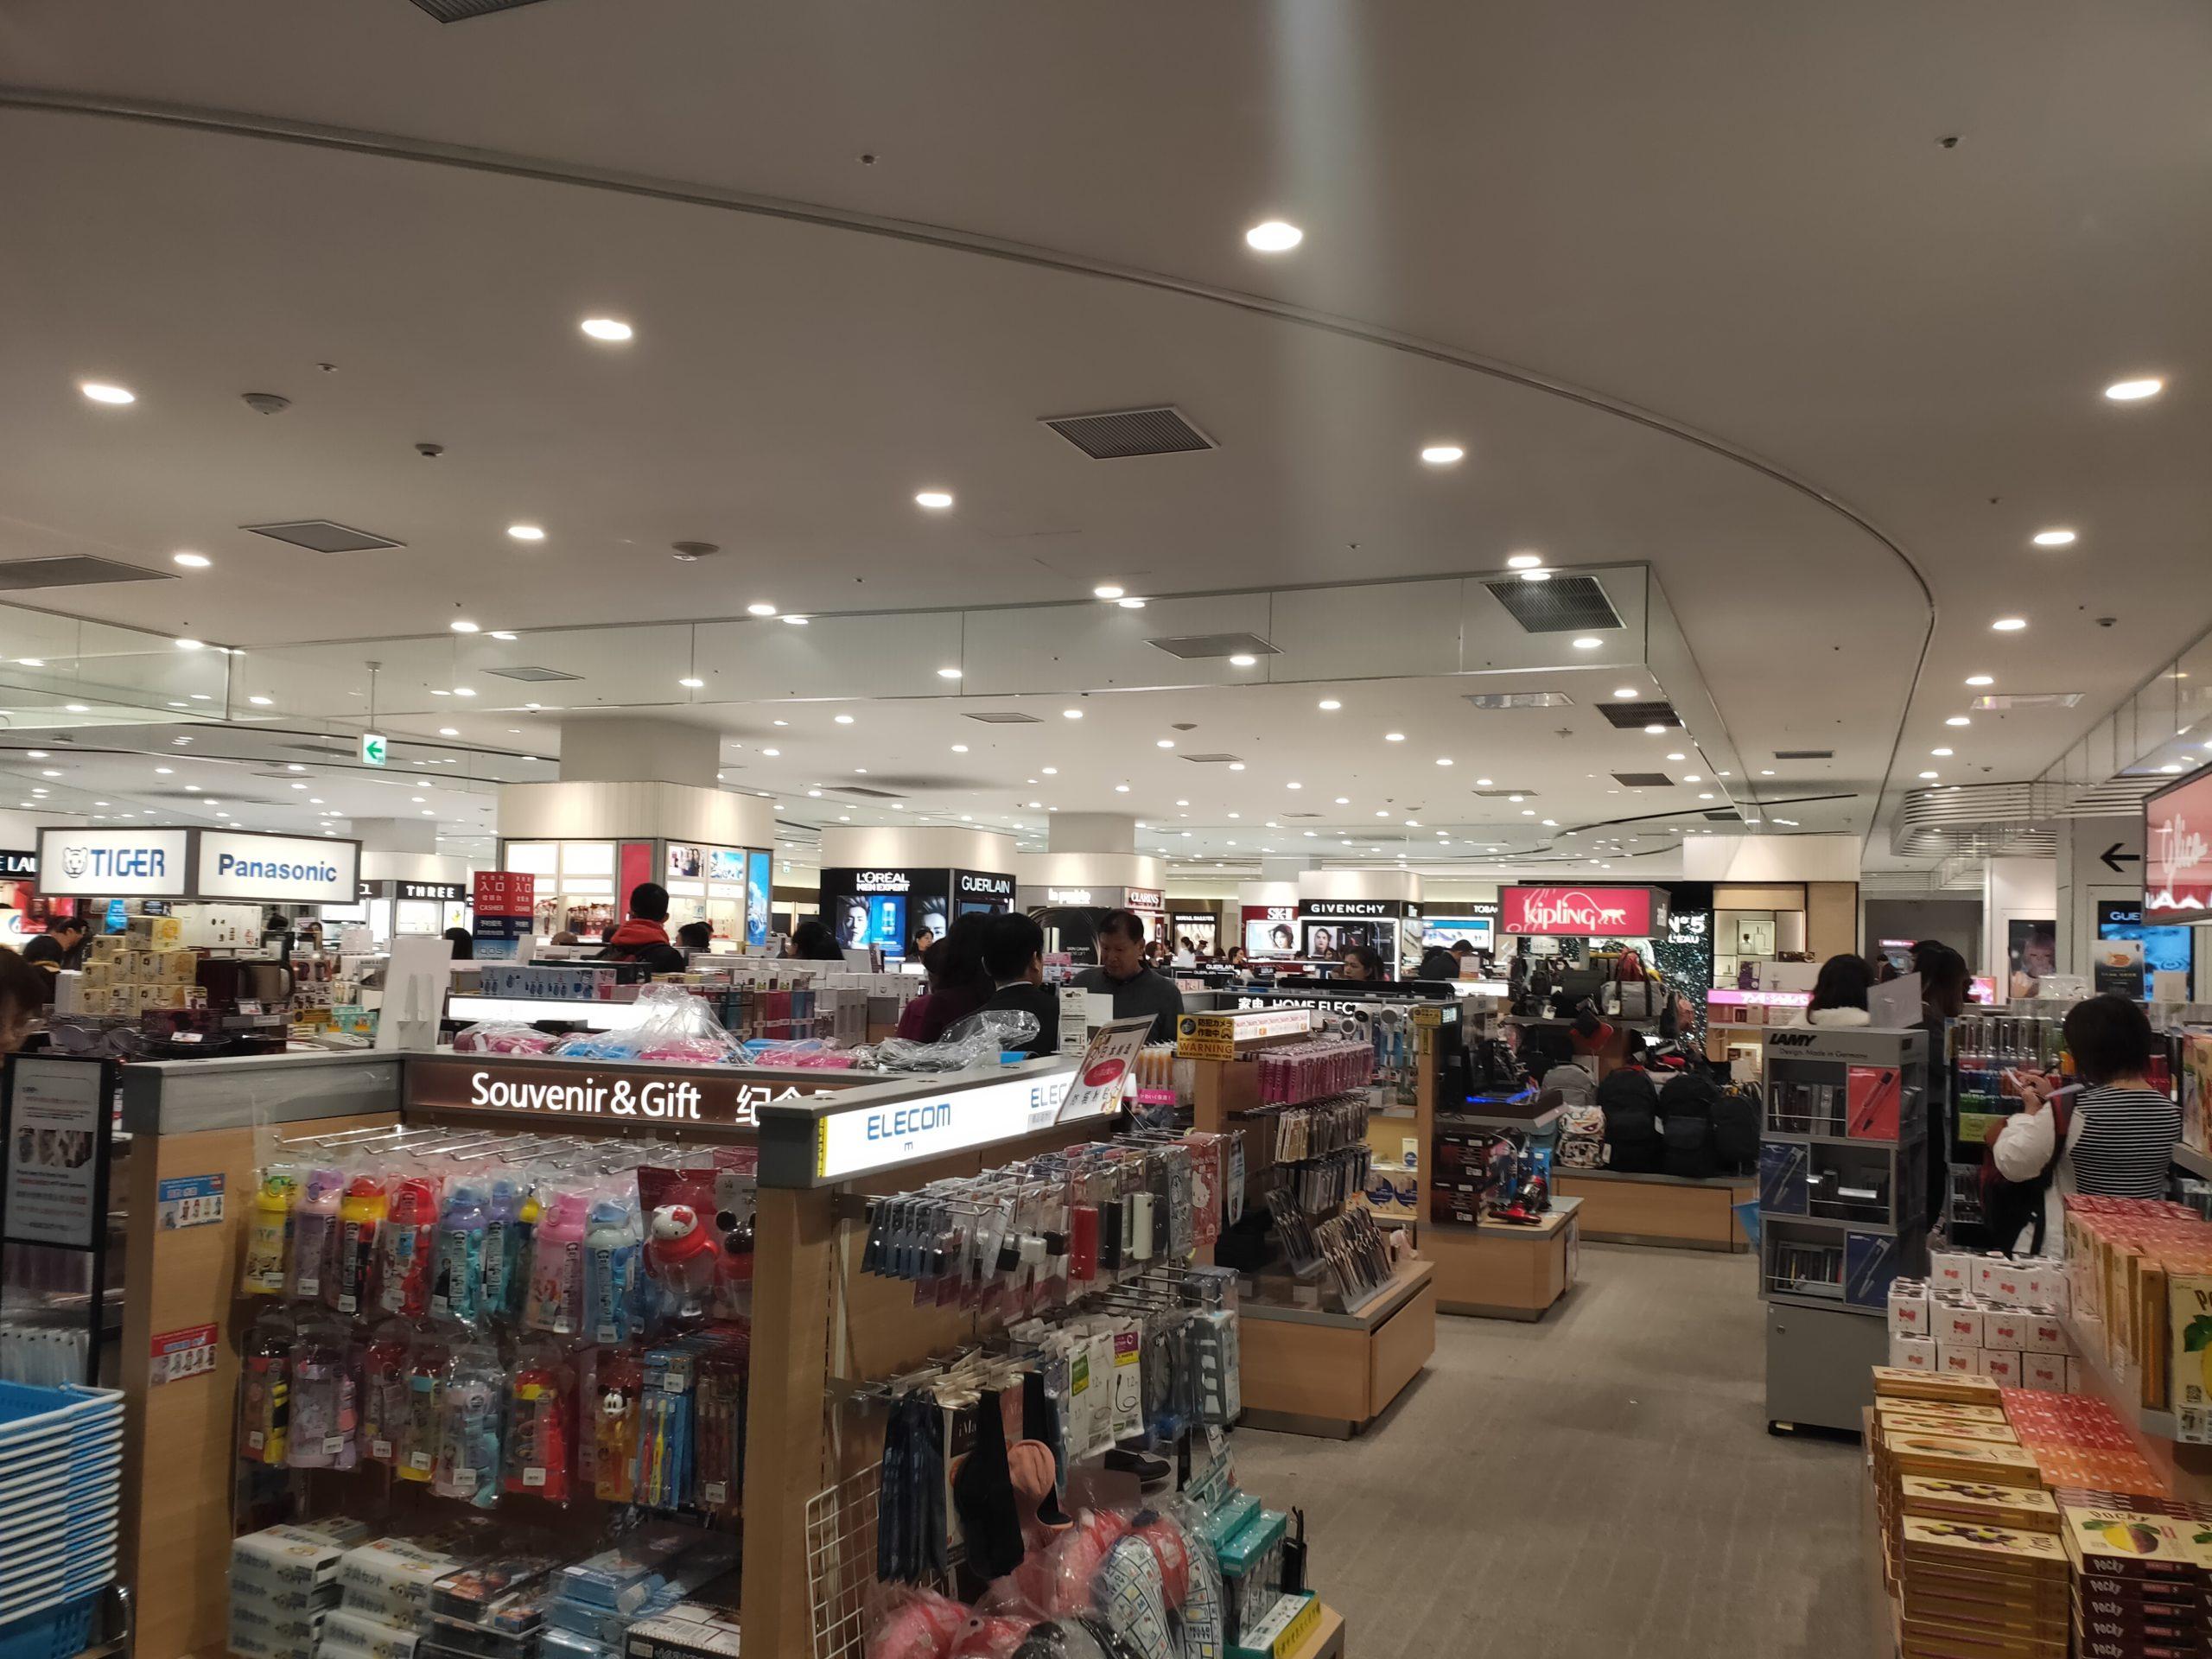 関空第2ターミナル 免税店